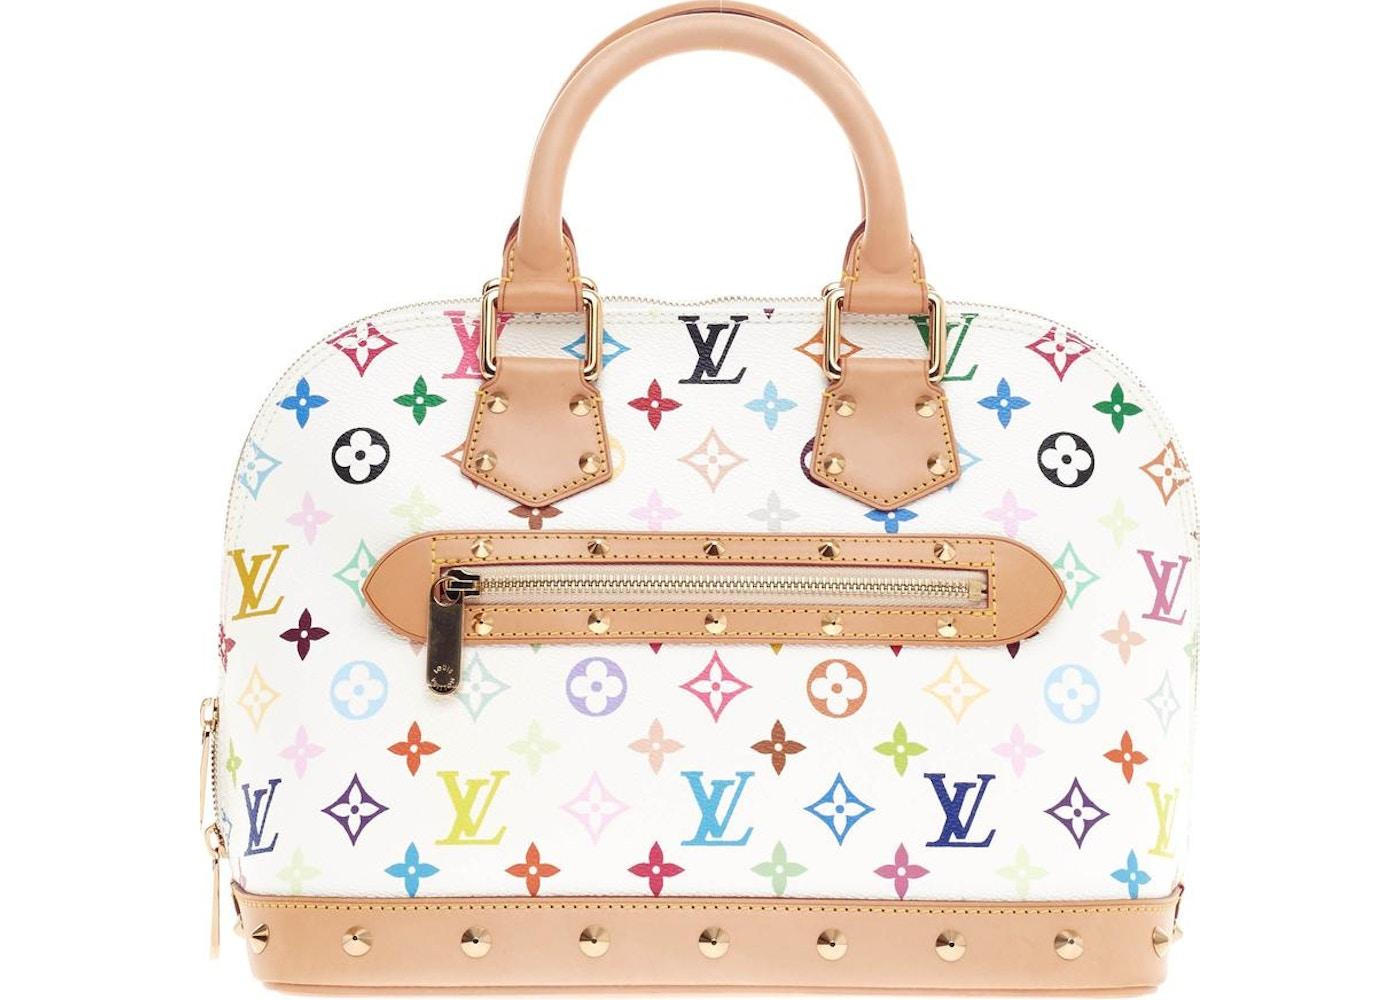 28a3dc738051 Louis Vuitton Handbag Alma Monogram Multicolore PM White. Monogram  Multicolore PM White